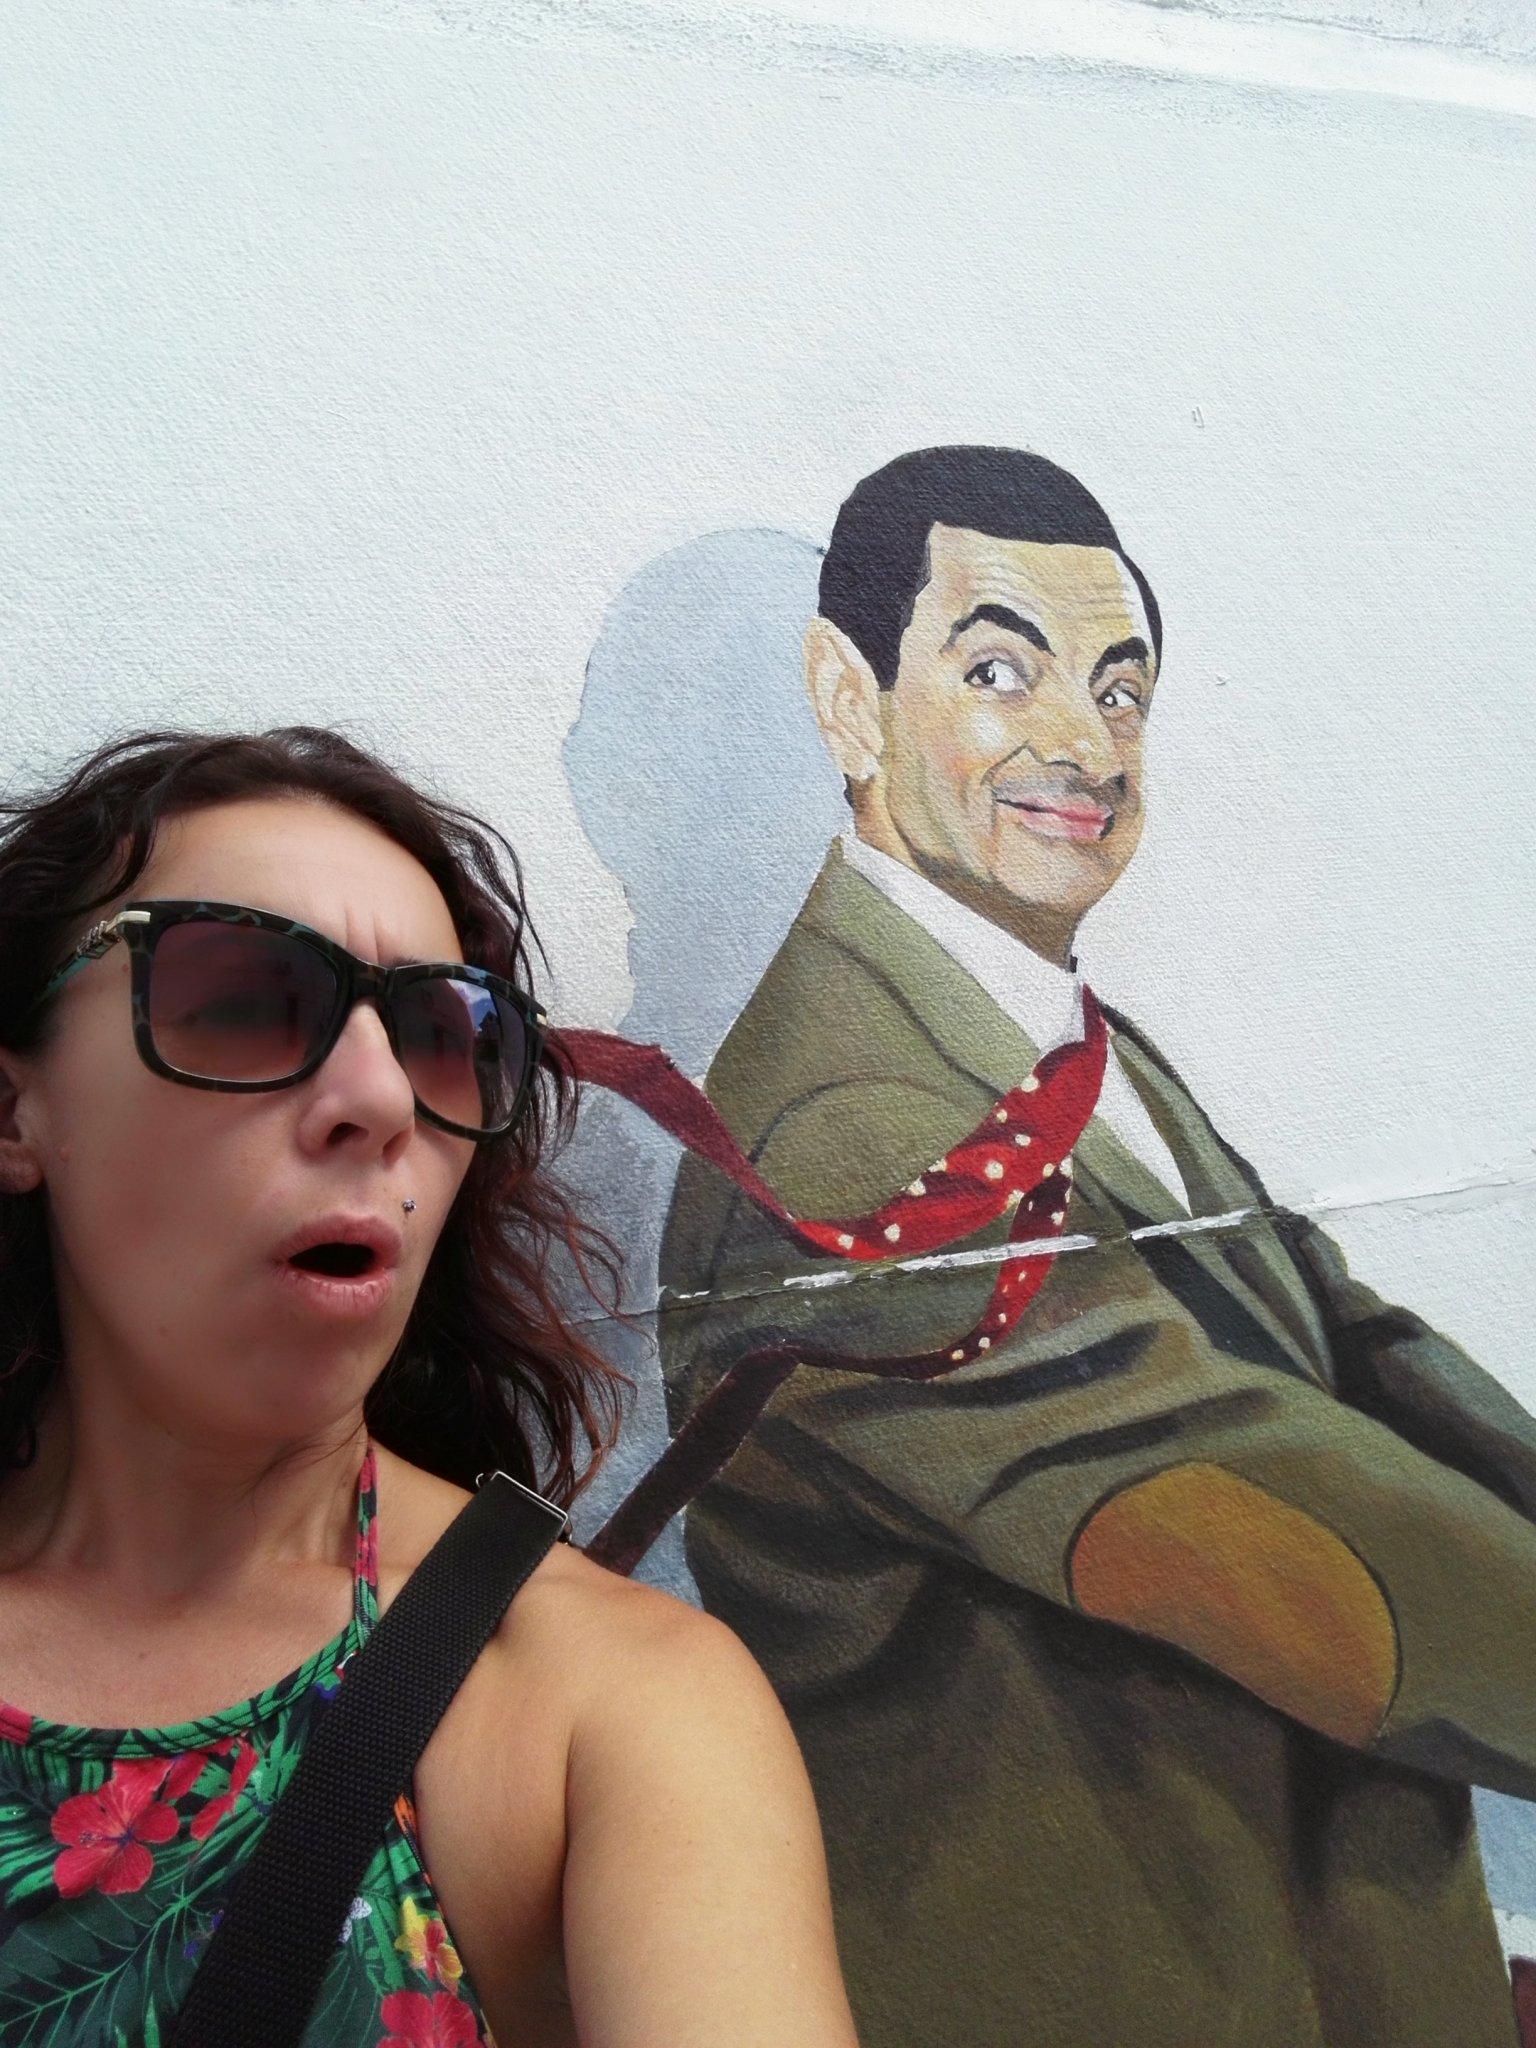 Mr Bean  themed mural